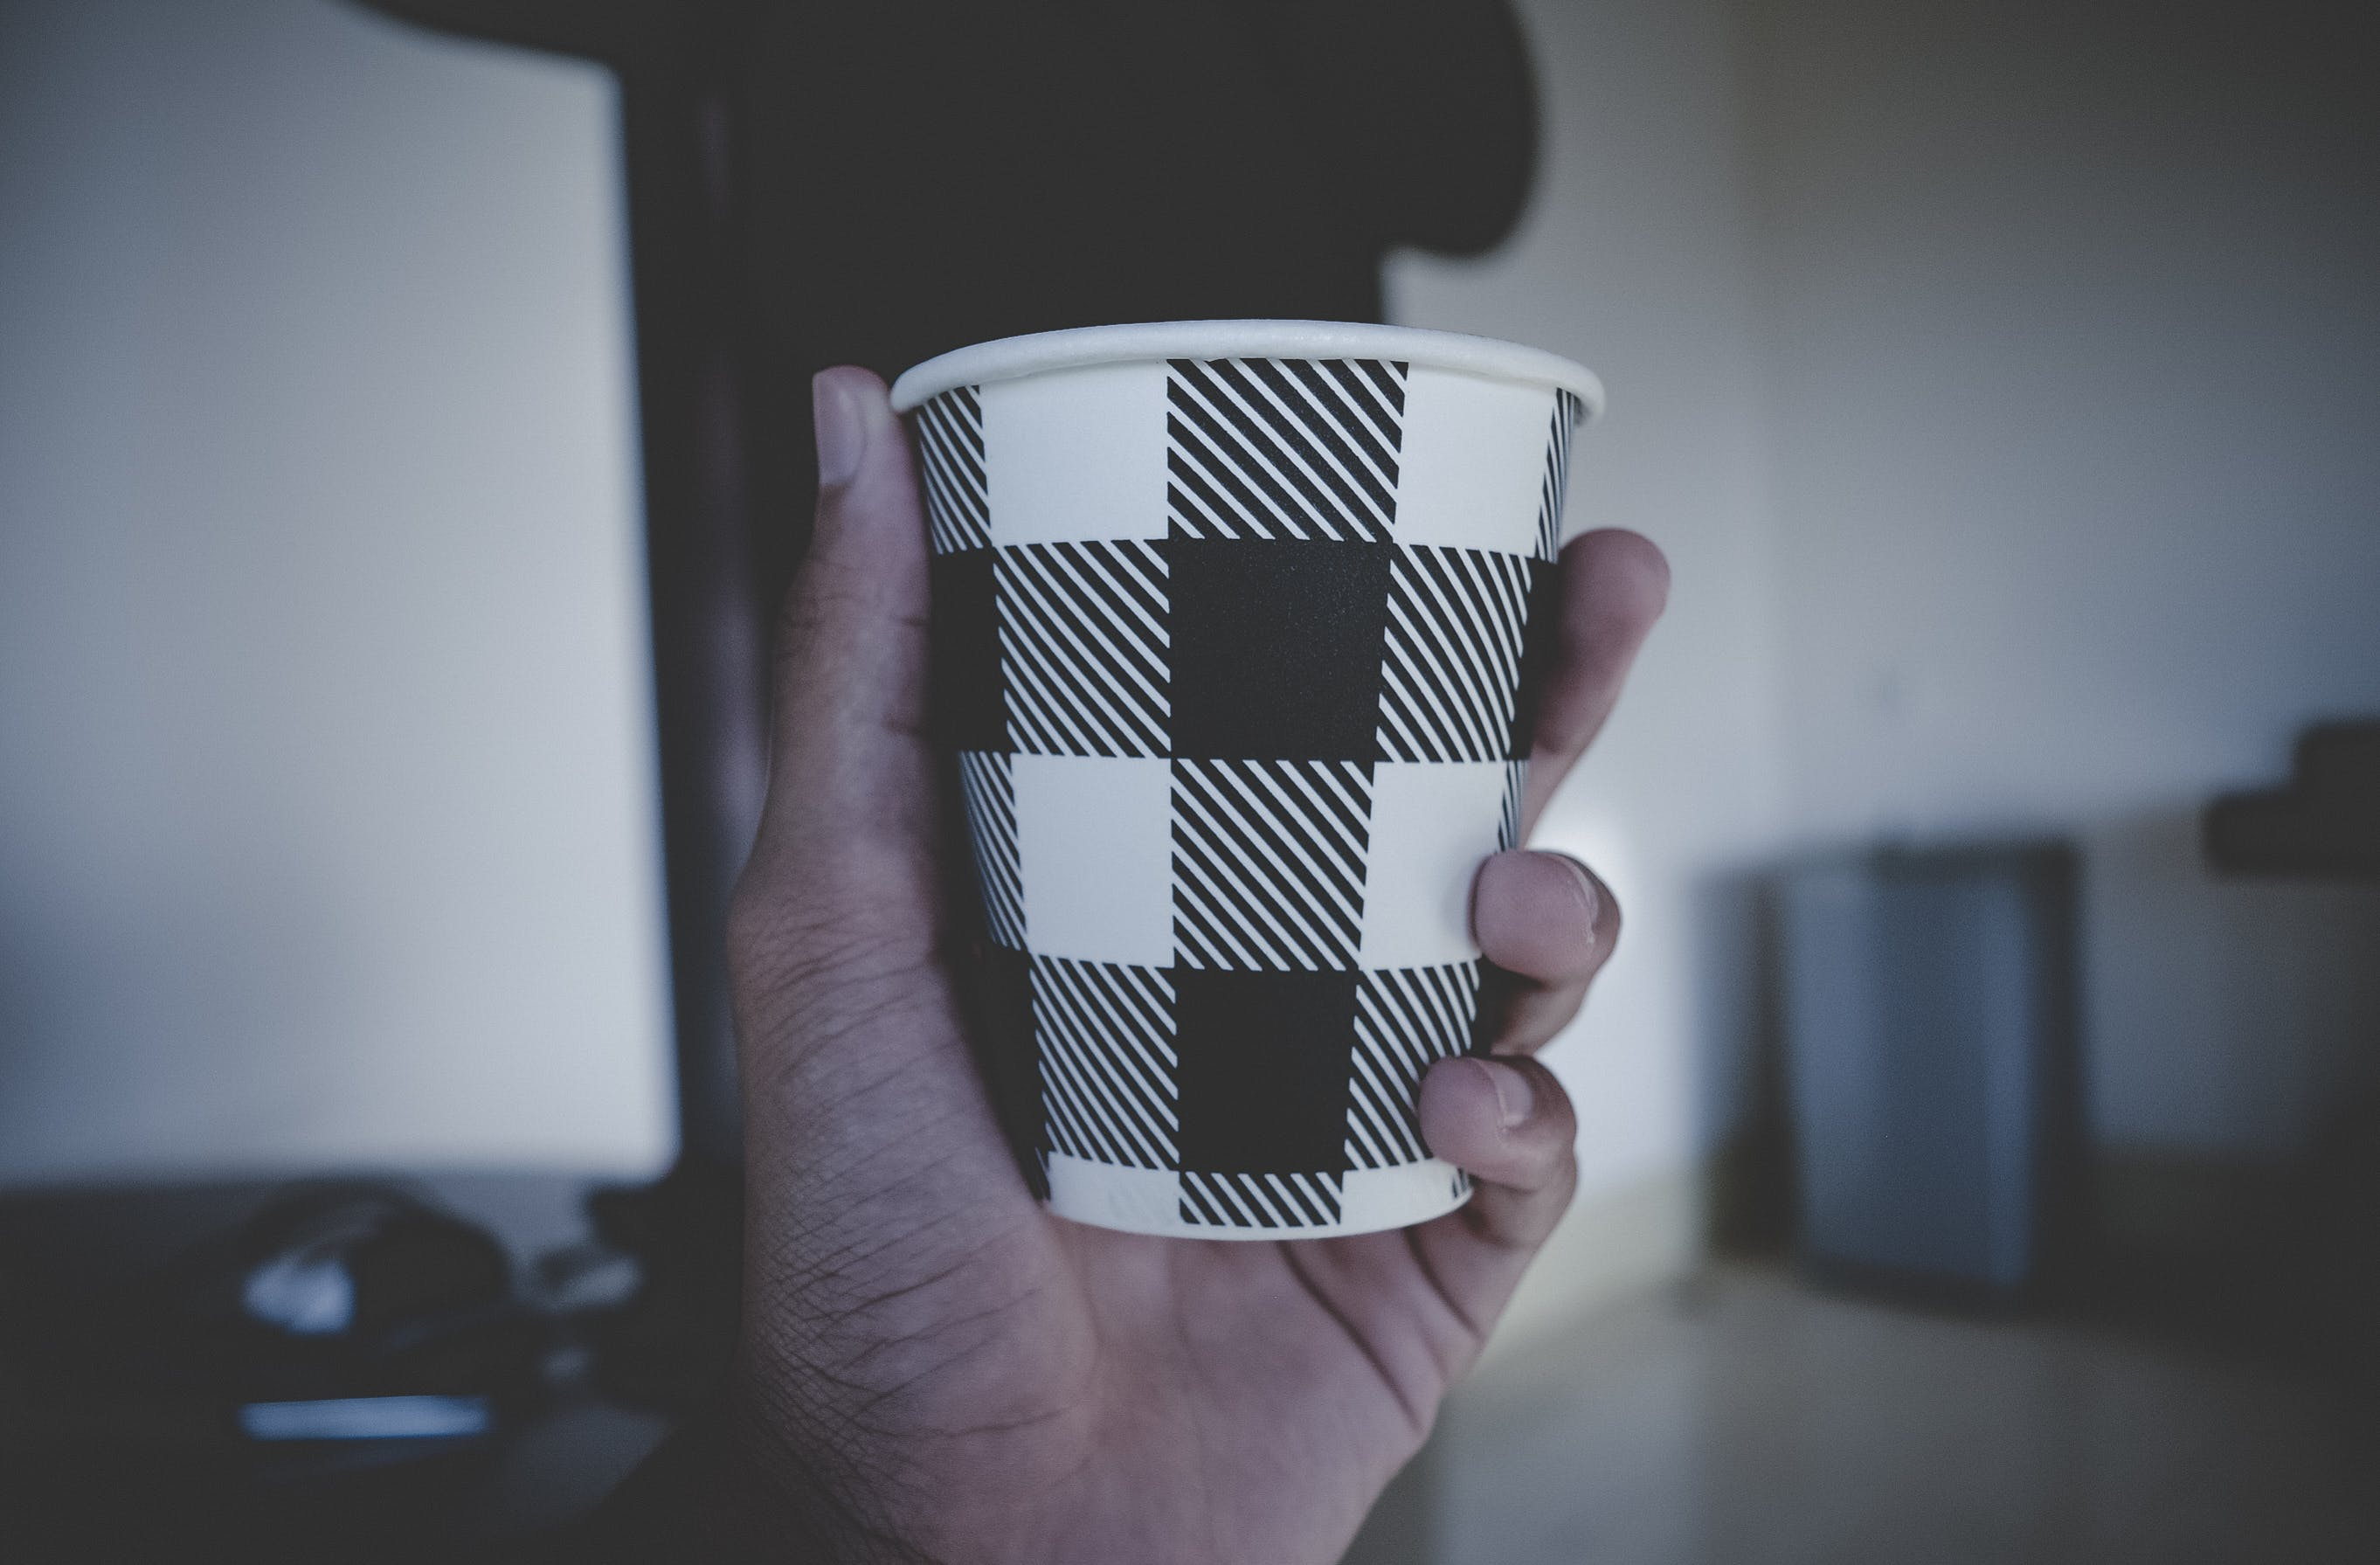 Gratis arkivbilde med avslapping, drikke, espresso, hånd